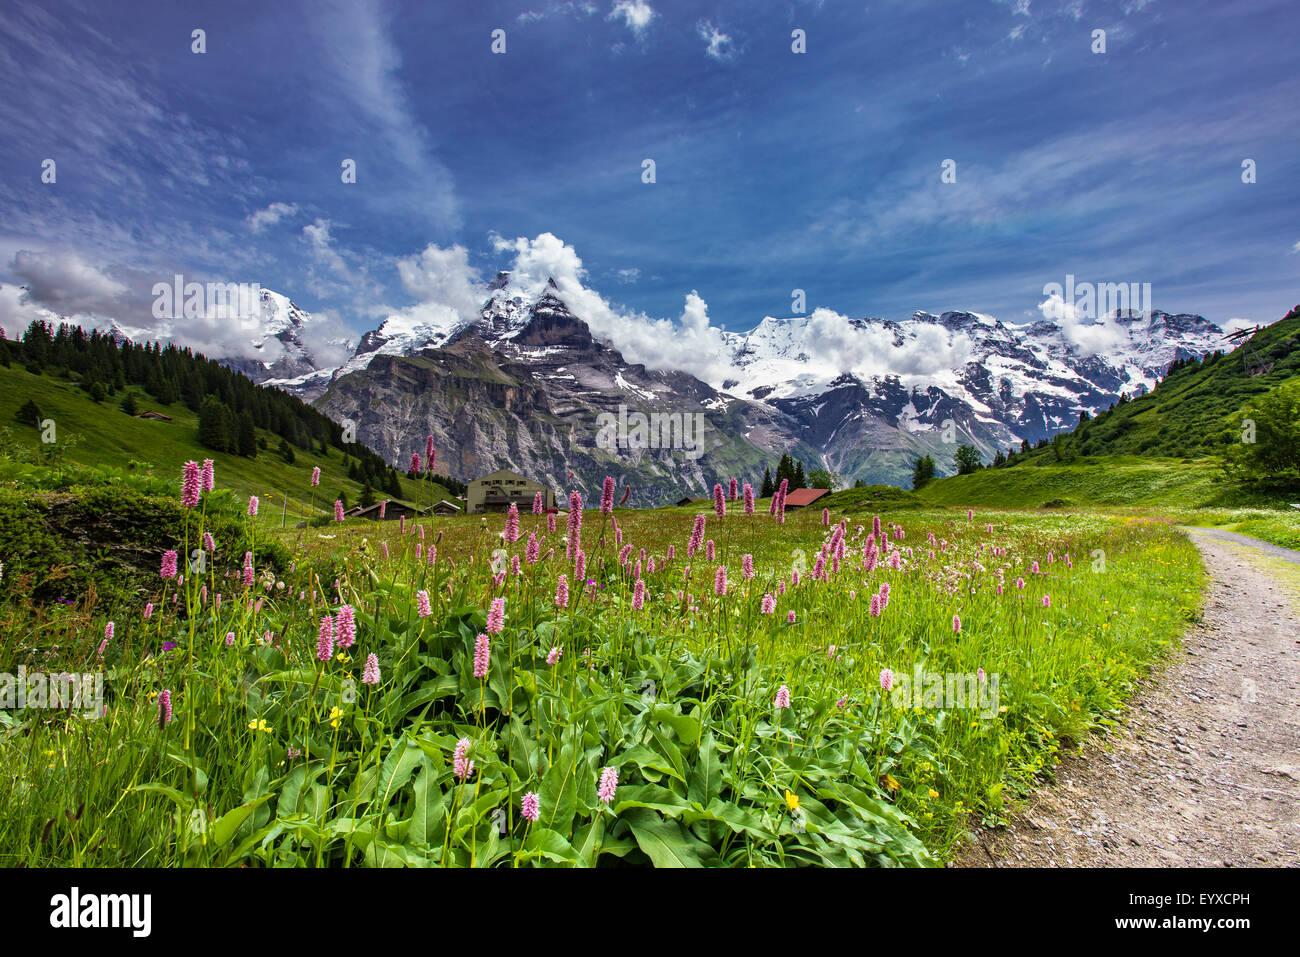 Swiss Alpine Meadows avec décor de montagnes Photo Stock